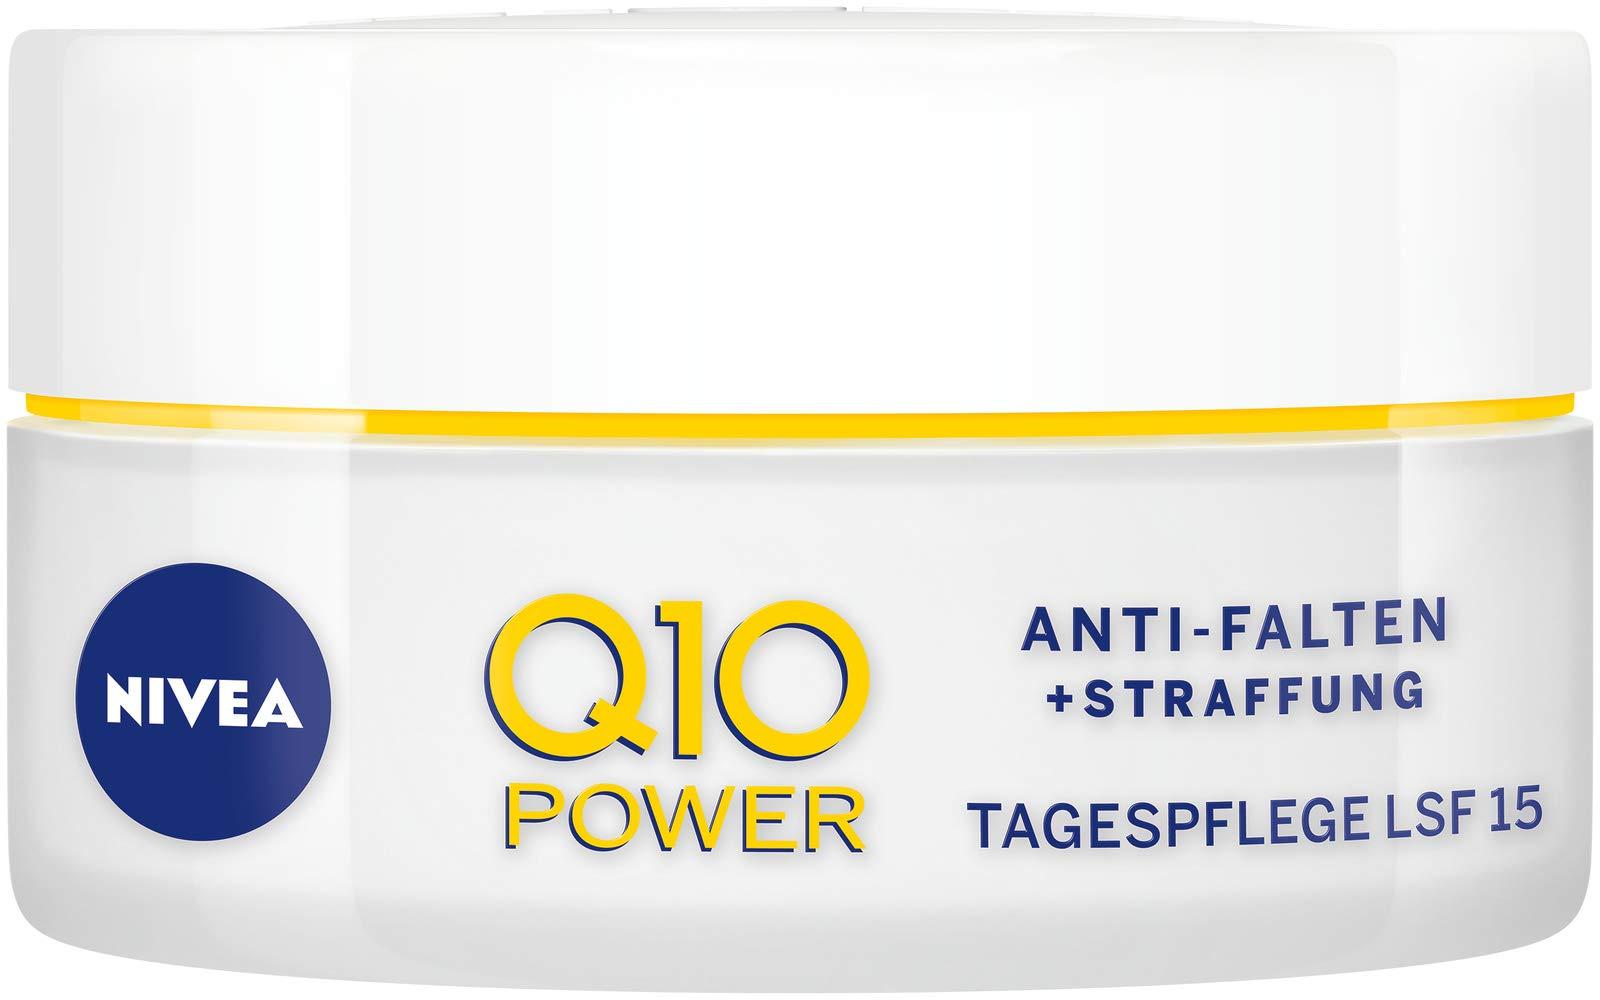 Crema de día Nivea Q10 Power antiarrugas + reafirmante, para una piel más lisa y joven, crema de día con FPS 15, 2…